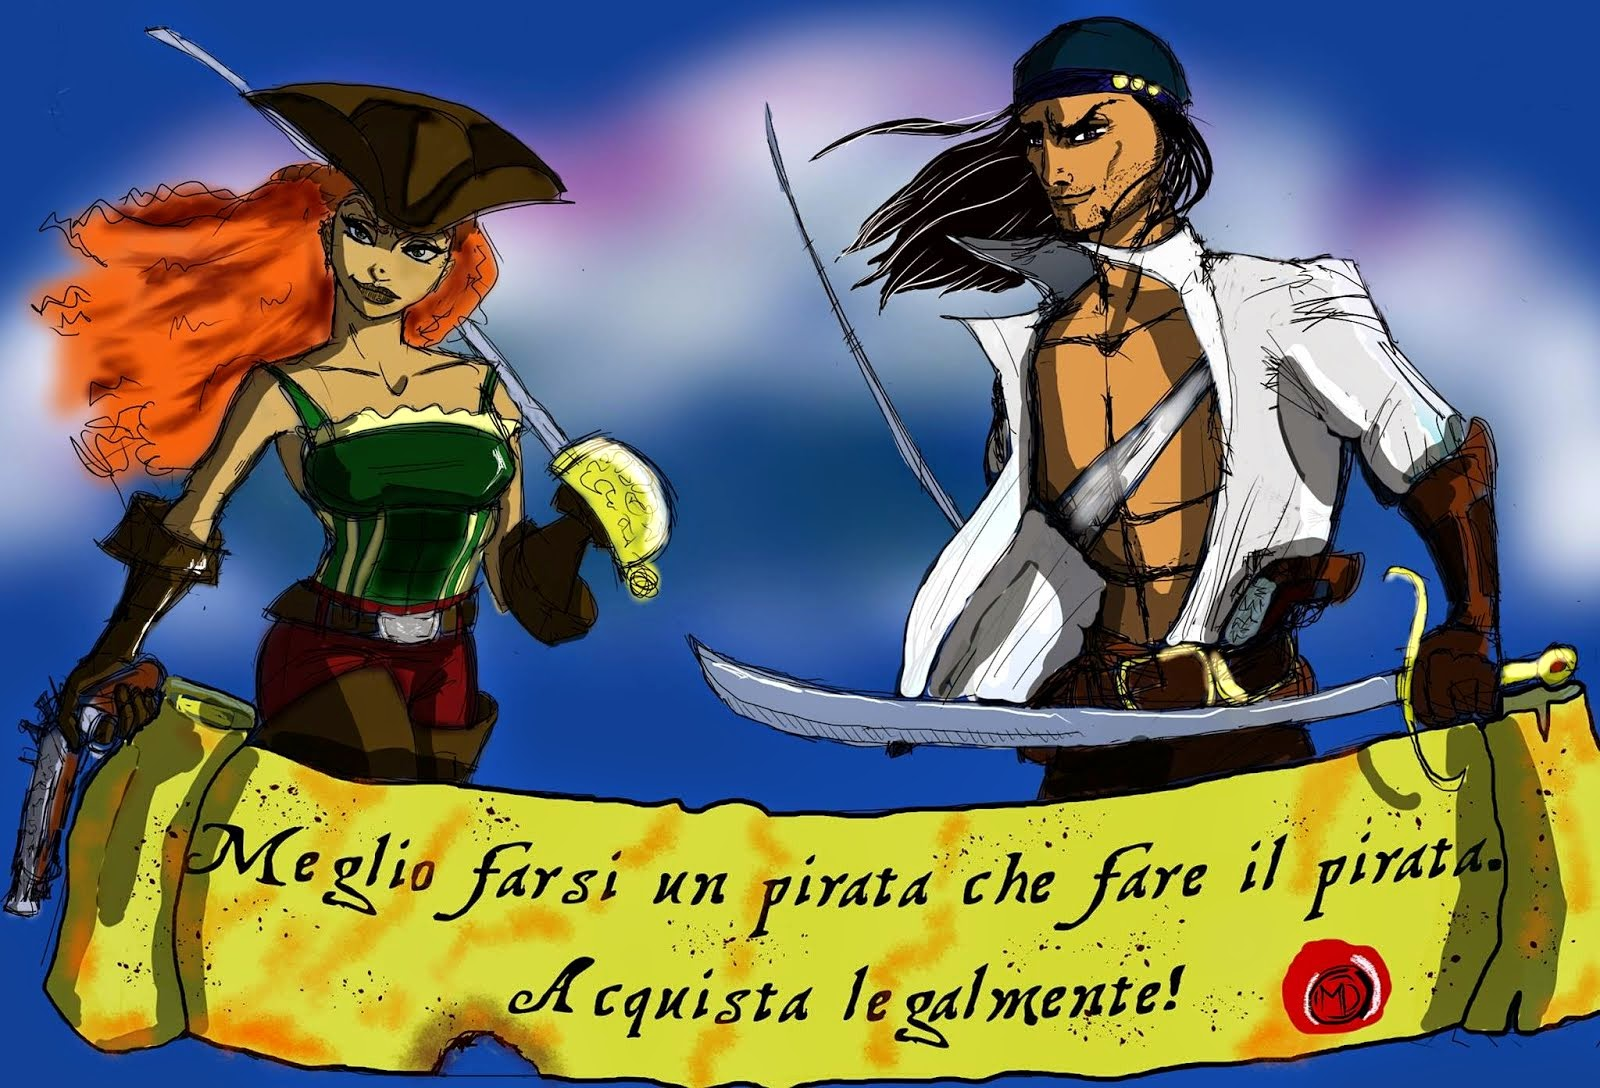 Meglio farsi un pirata che fare il pirata…